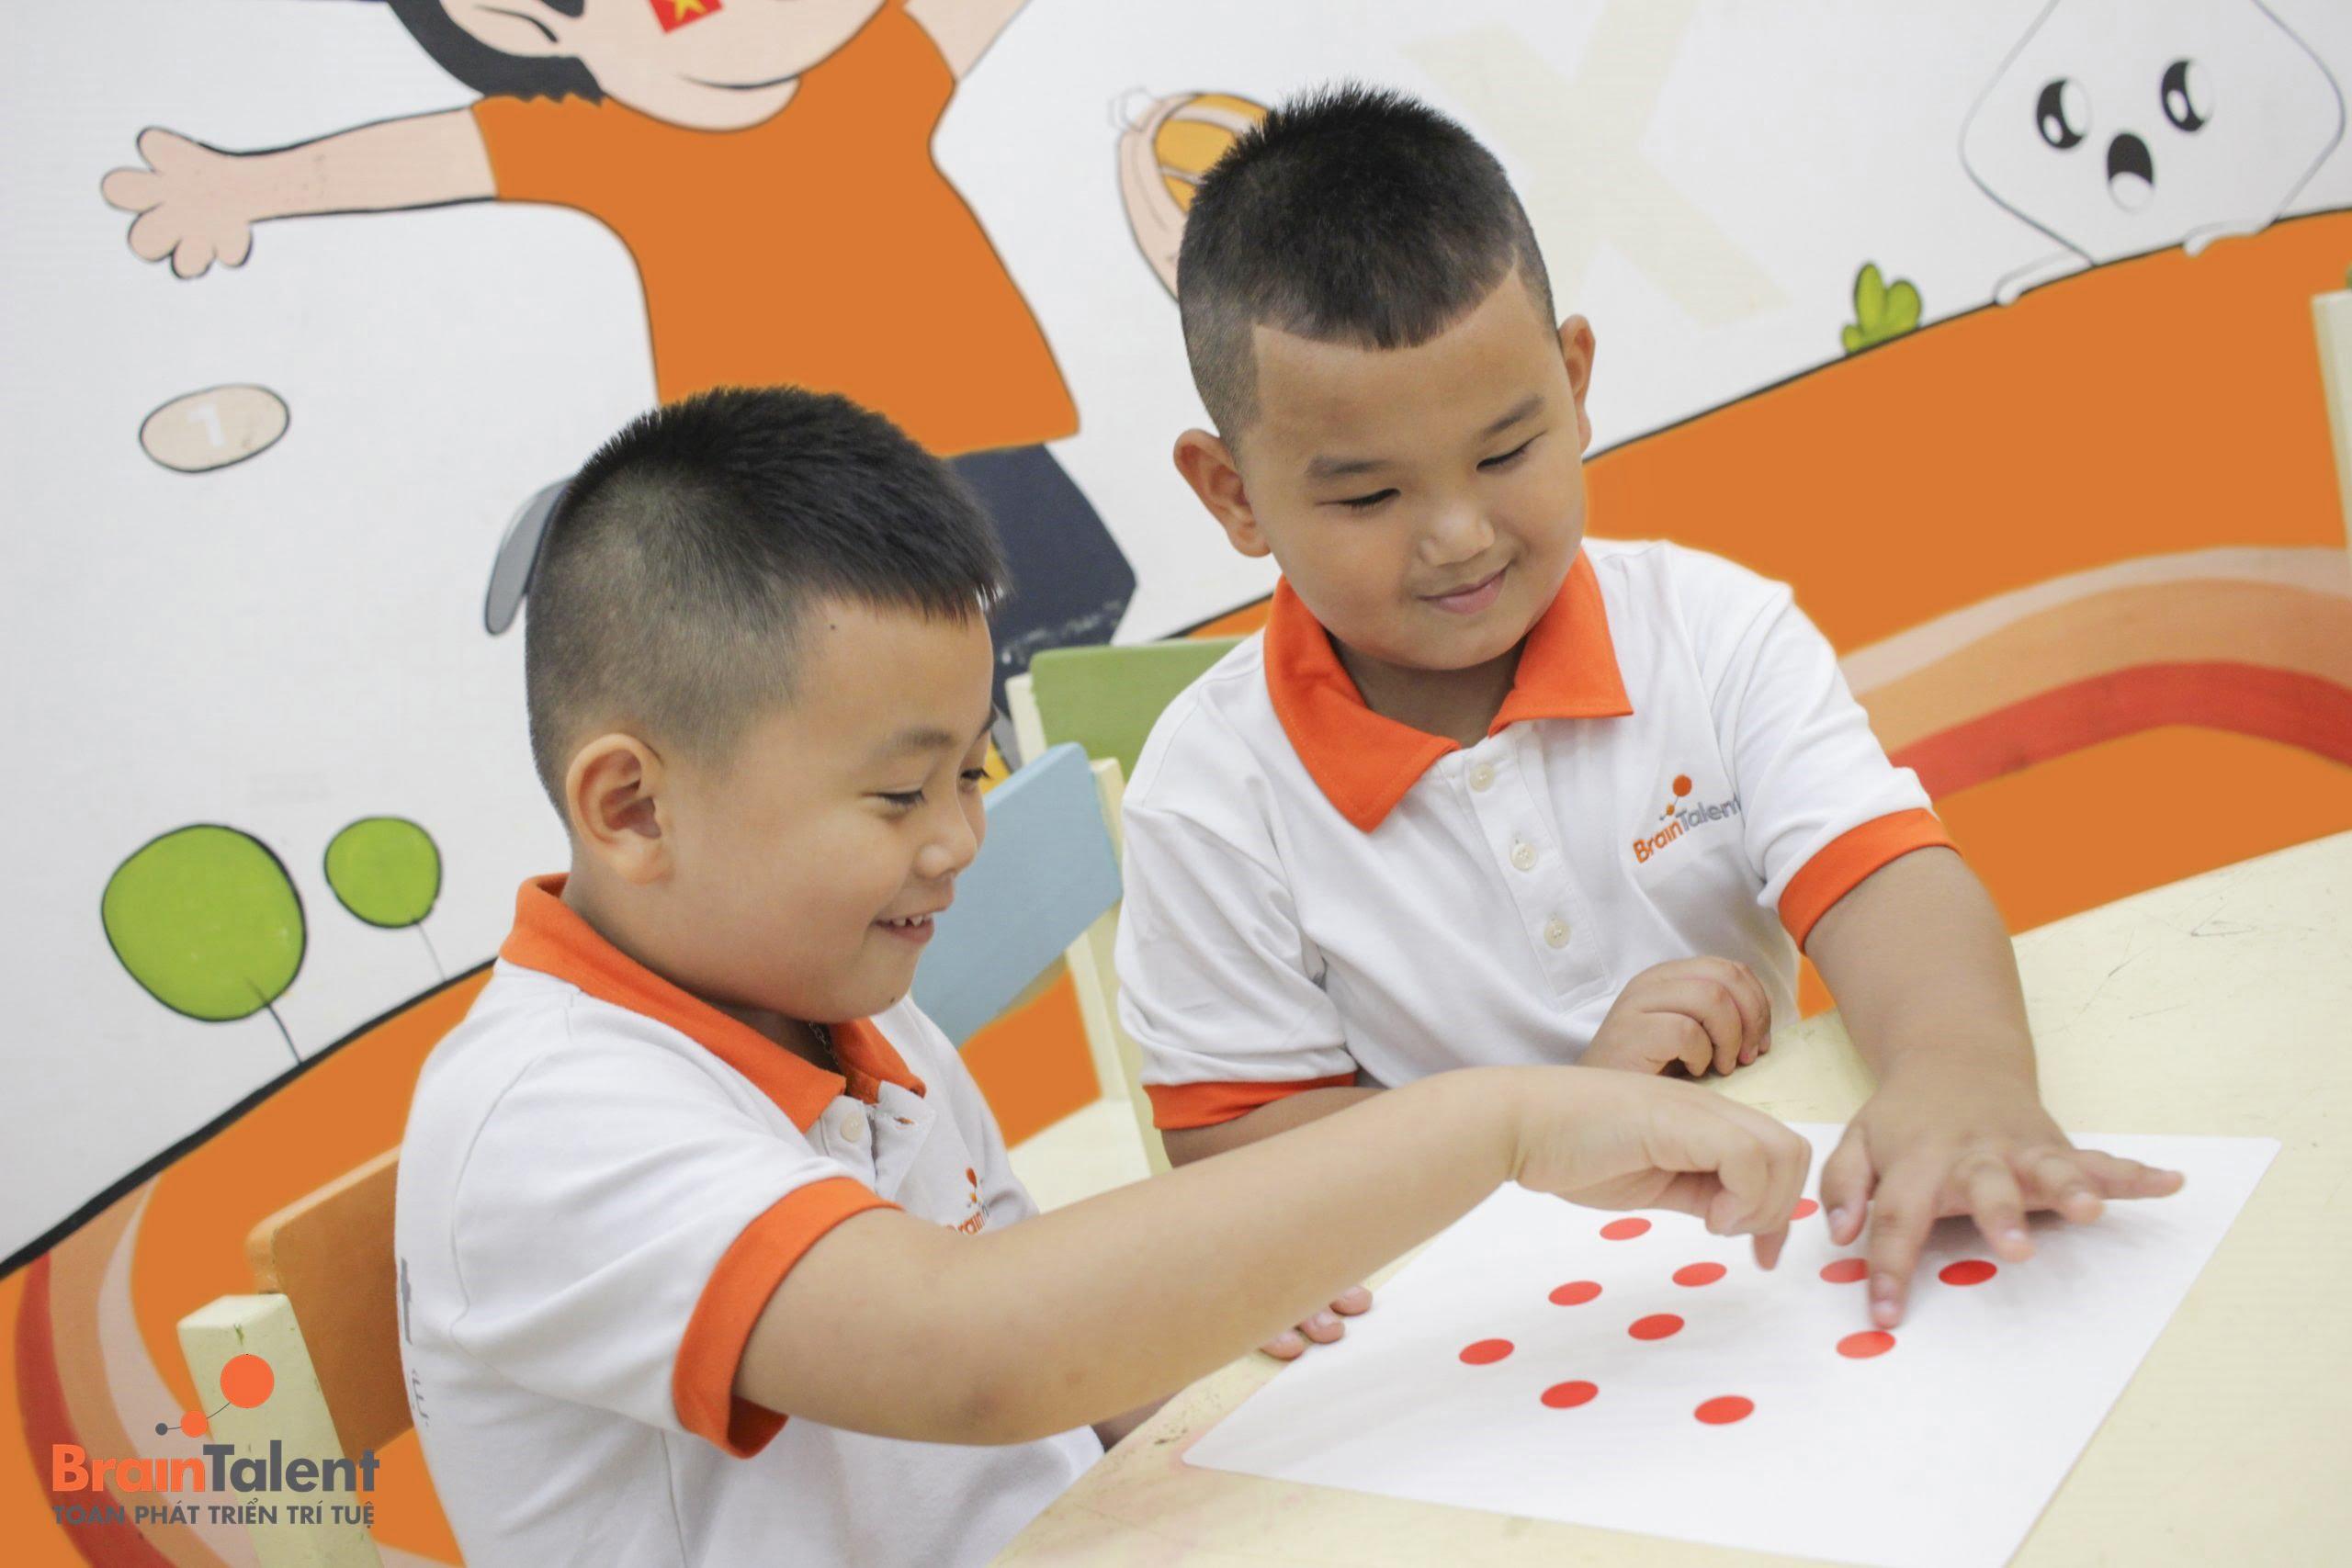 Ba mẹ có nên cho con học tư duy toán hay không?